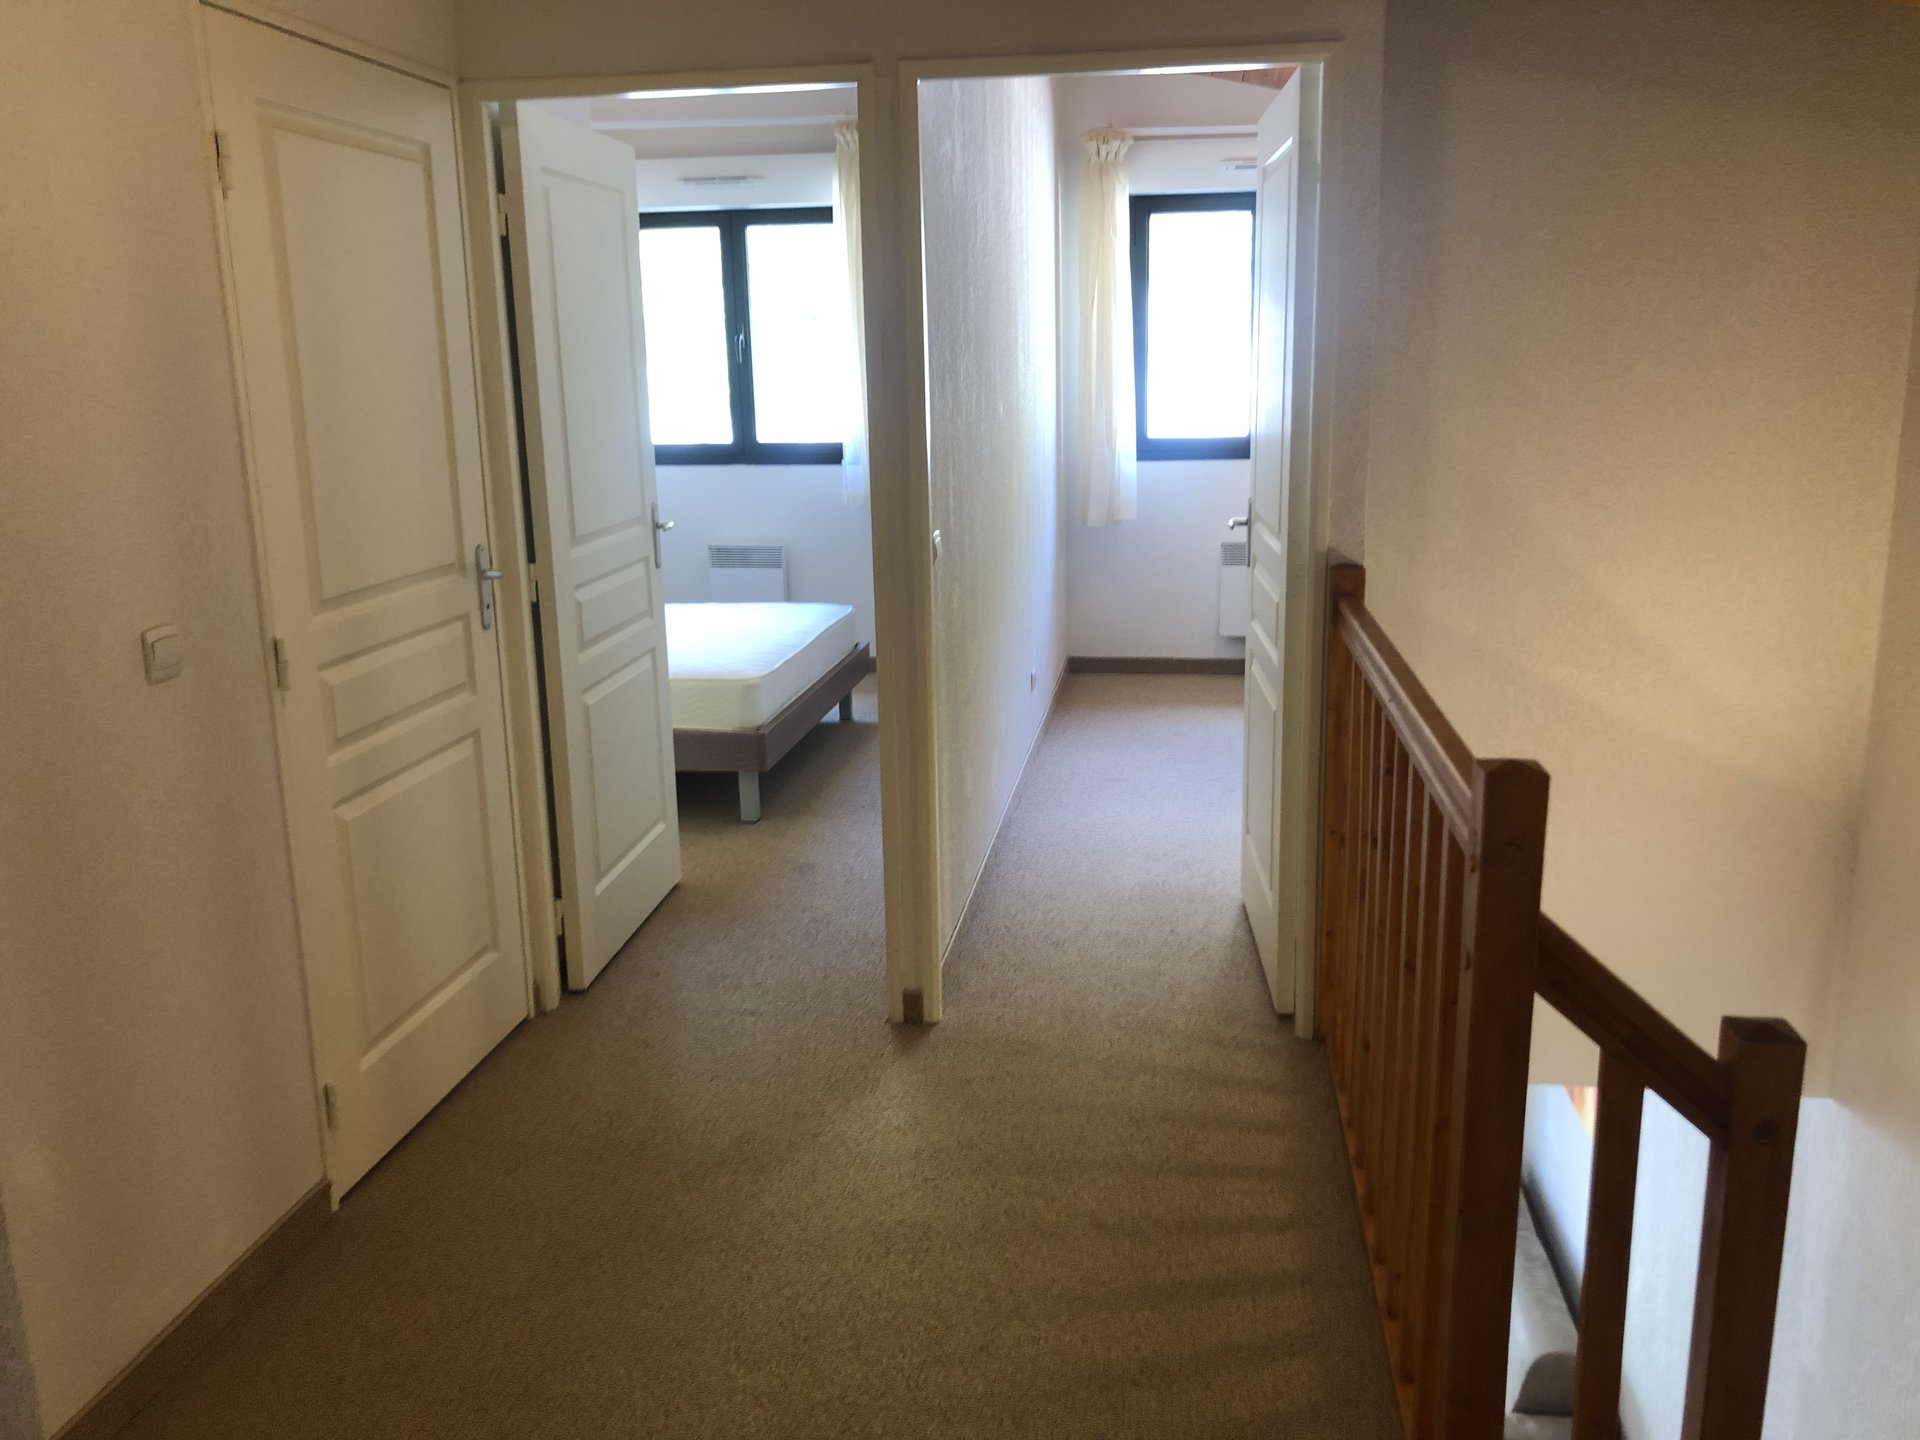 VALBERG 06 - 3 PIECES DUPLEX 59.38 m²